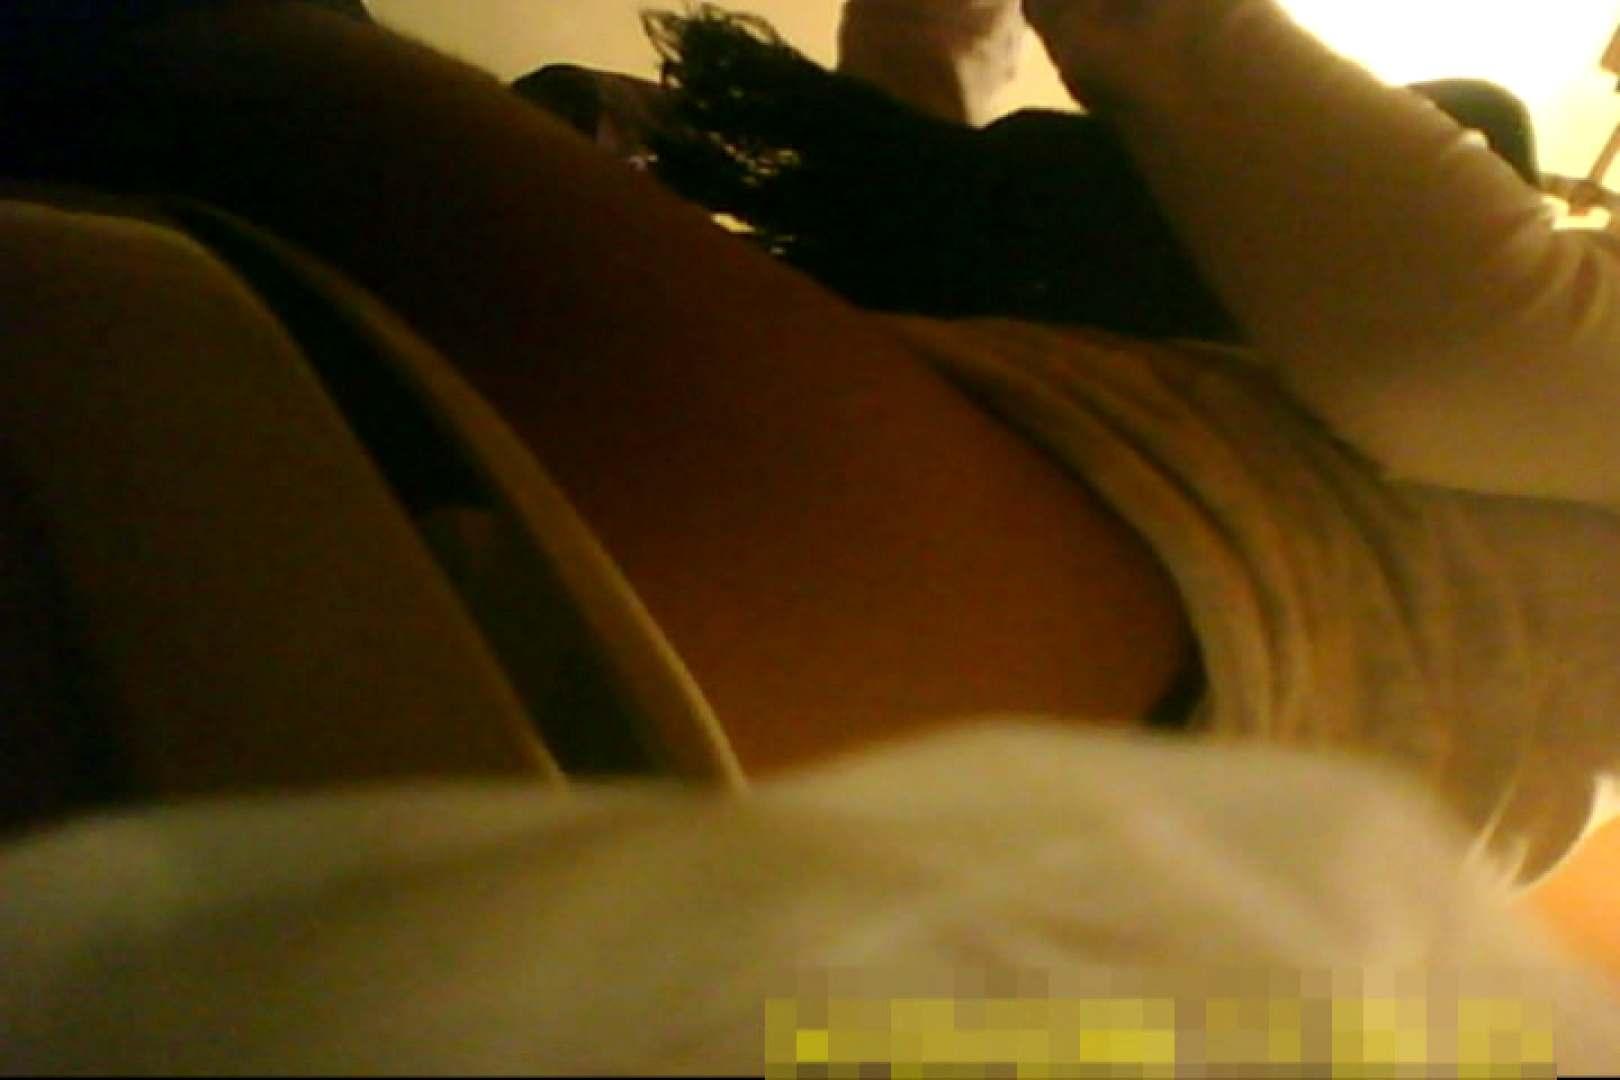 魅惑の化粧室~禁断のプライベート空間~vol.9 プライベート ワレメ無修正動画無料 70連発 15